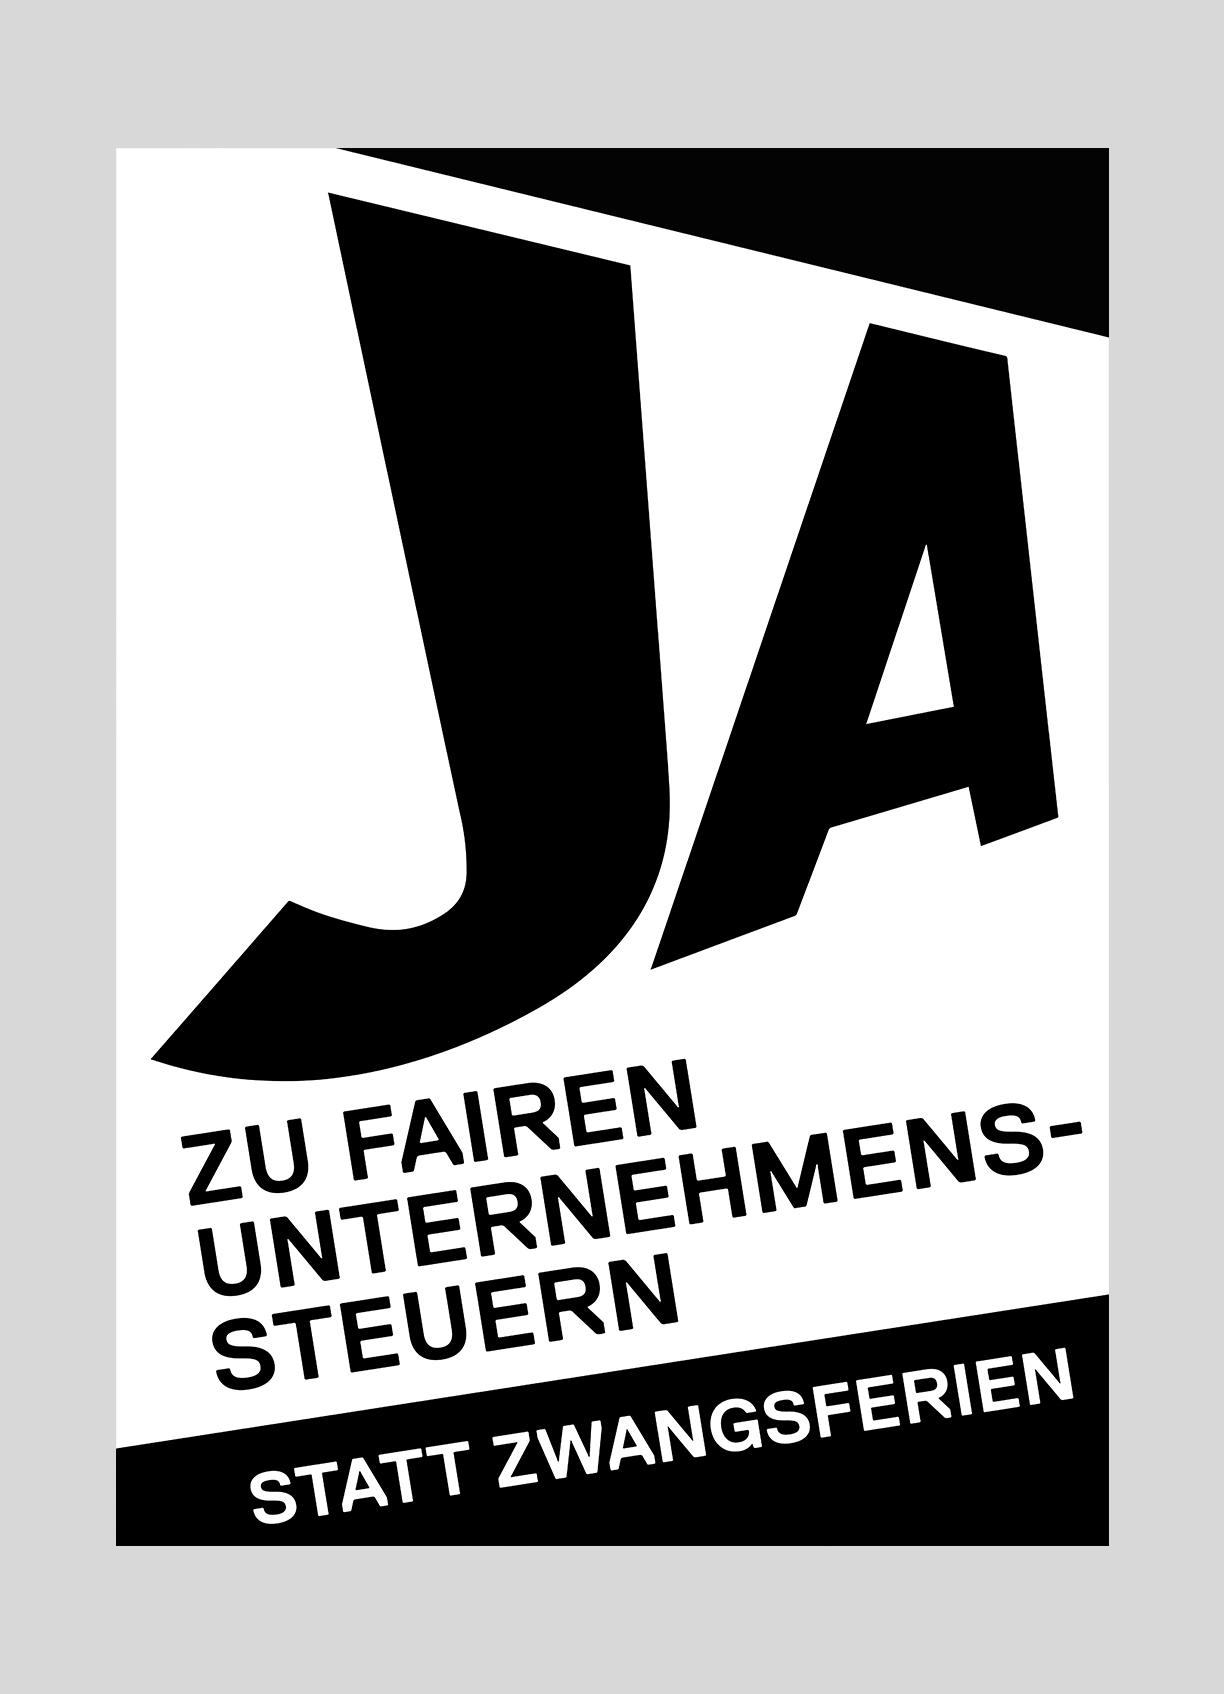 SP Kanton Luzern – Faire Unternehmenssteuern | 2016  Volksinitiative der SP Kanton Luzern zur Erhöhung der Unternehmenssteuer.